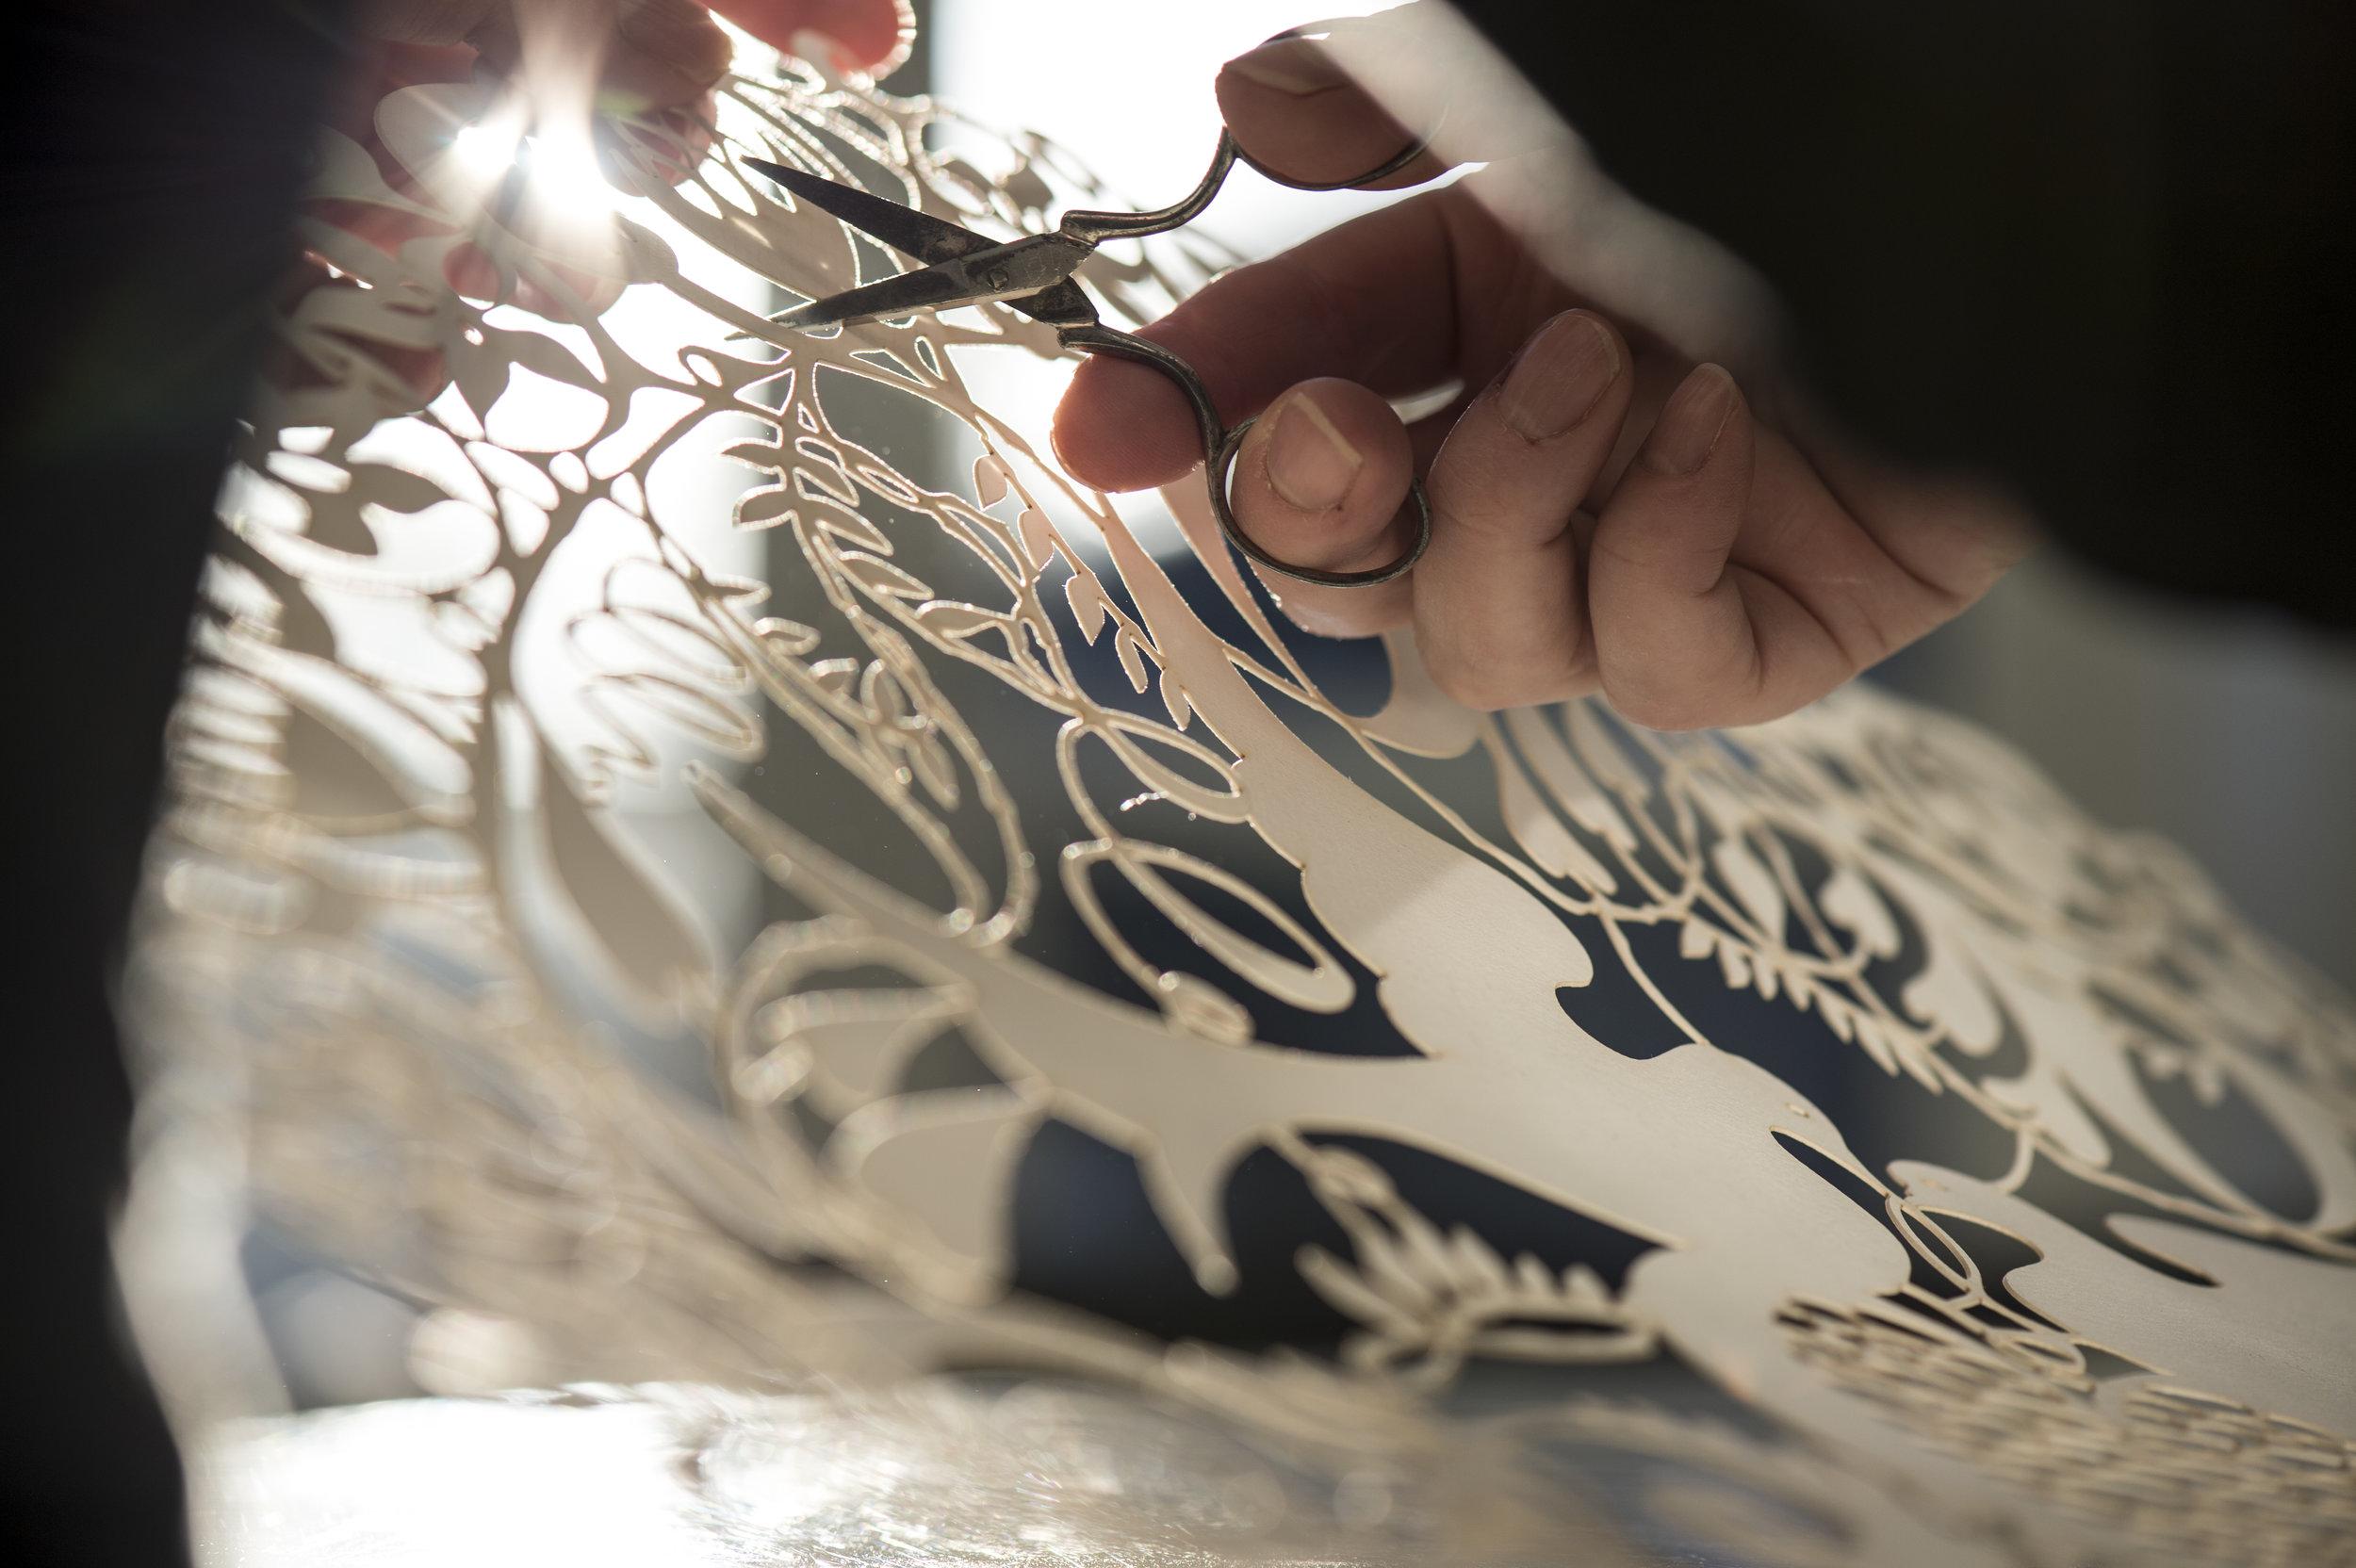 Bit Vejle klipper alle hendes psaligraphiske værker med mormors gamle broderi saks. Foto: Gorm Branderup